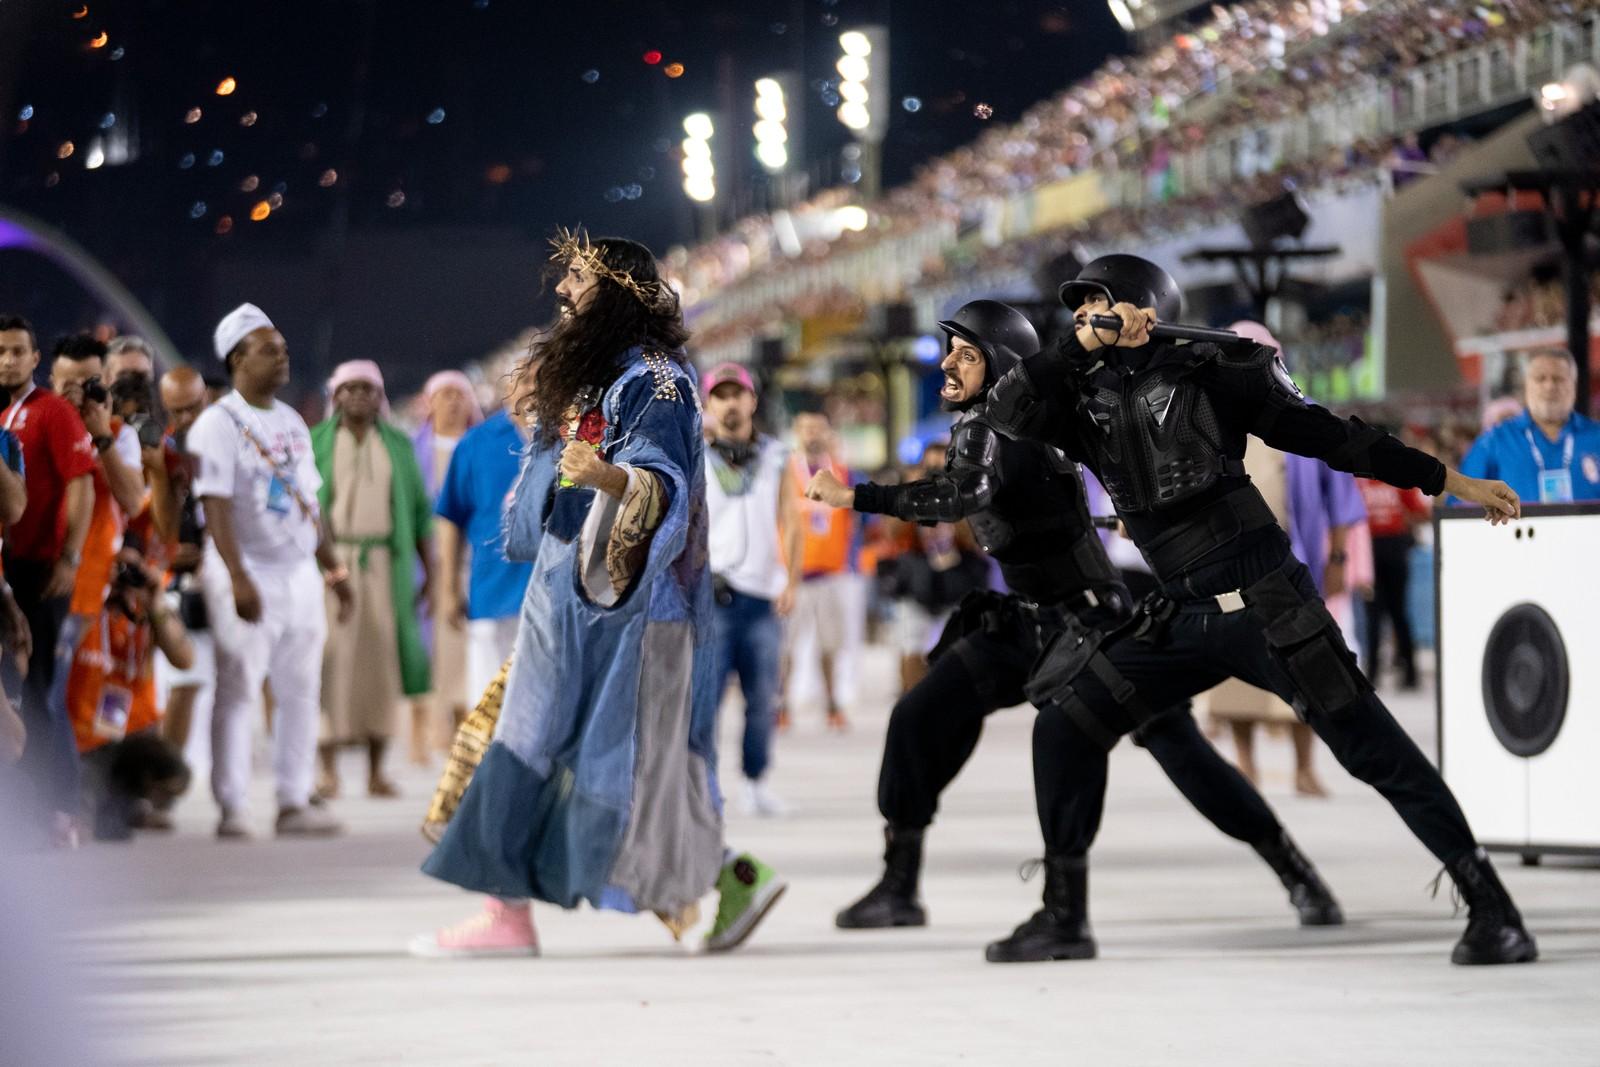 Carnaval de Río sube el tono a la protesta política, social y religiosa